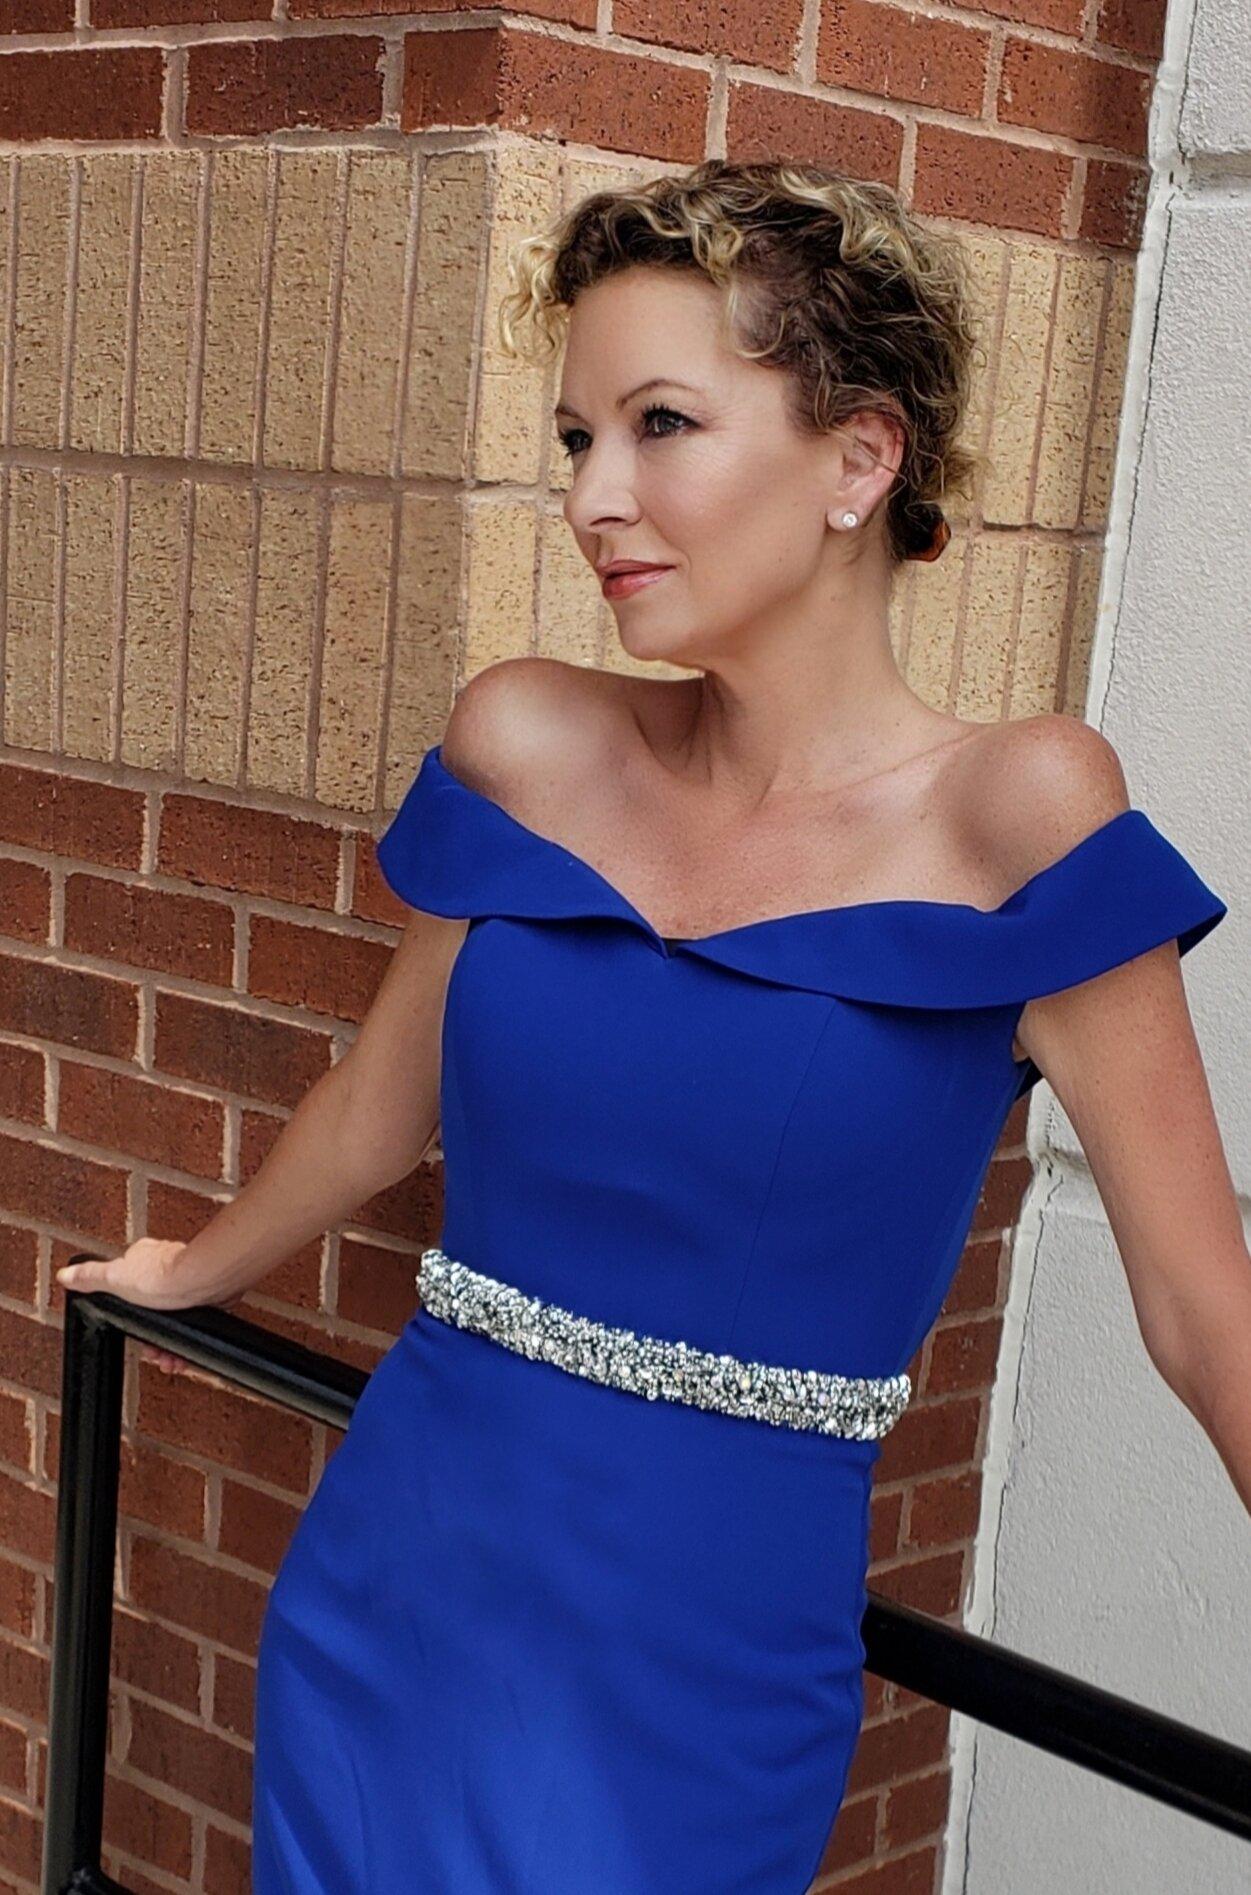 Christine Cornwell Blue Gown Headshot.jpg